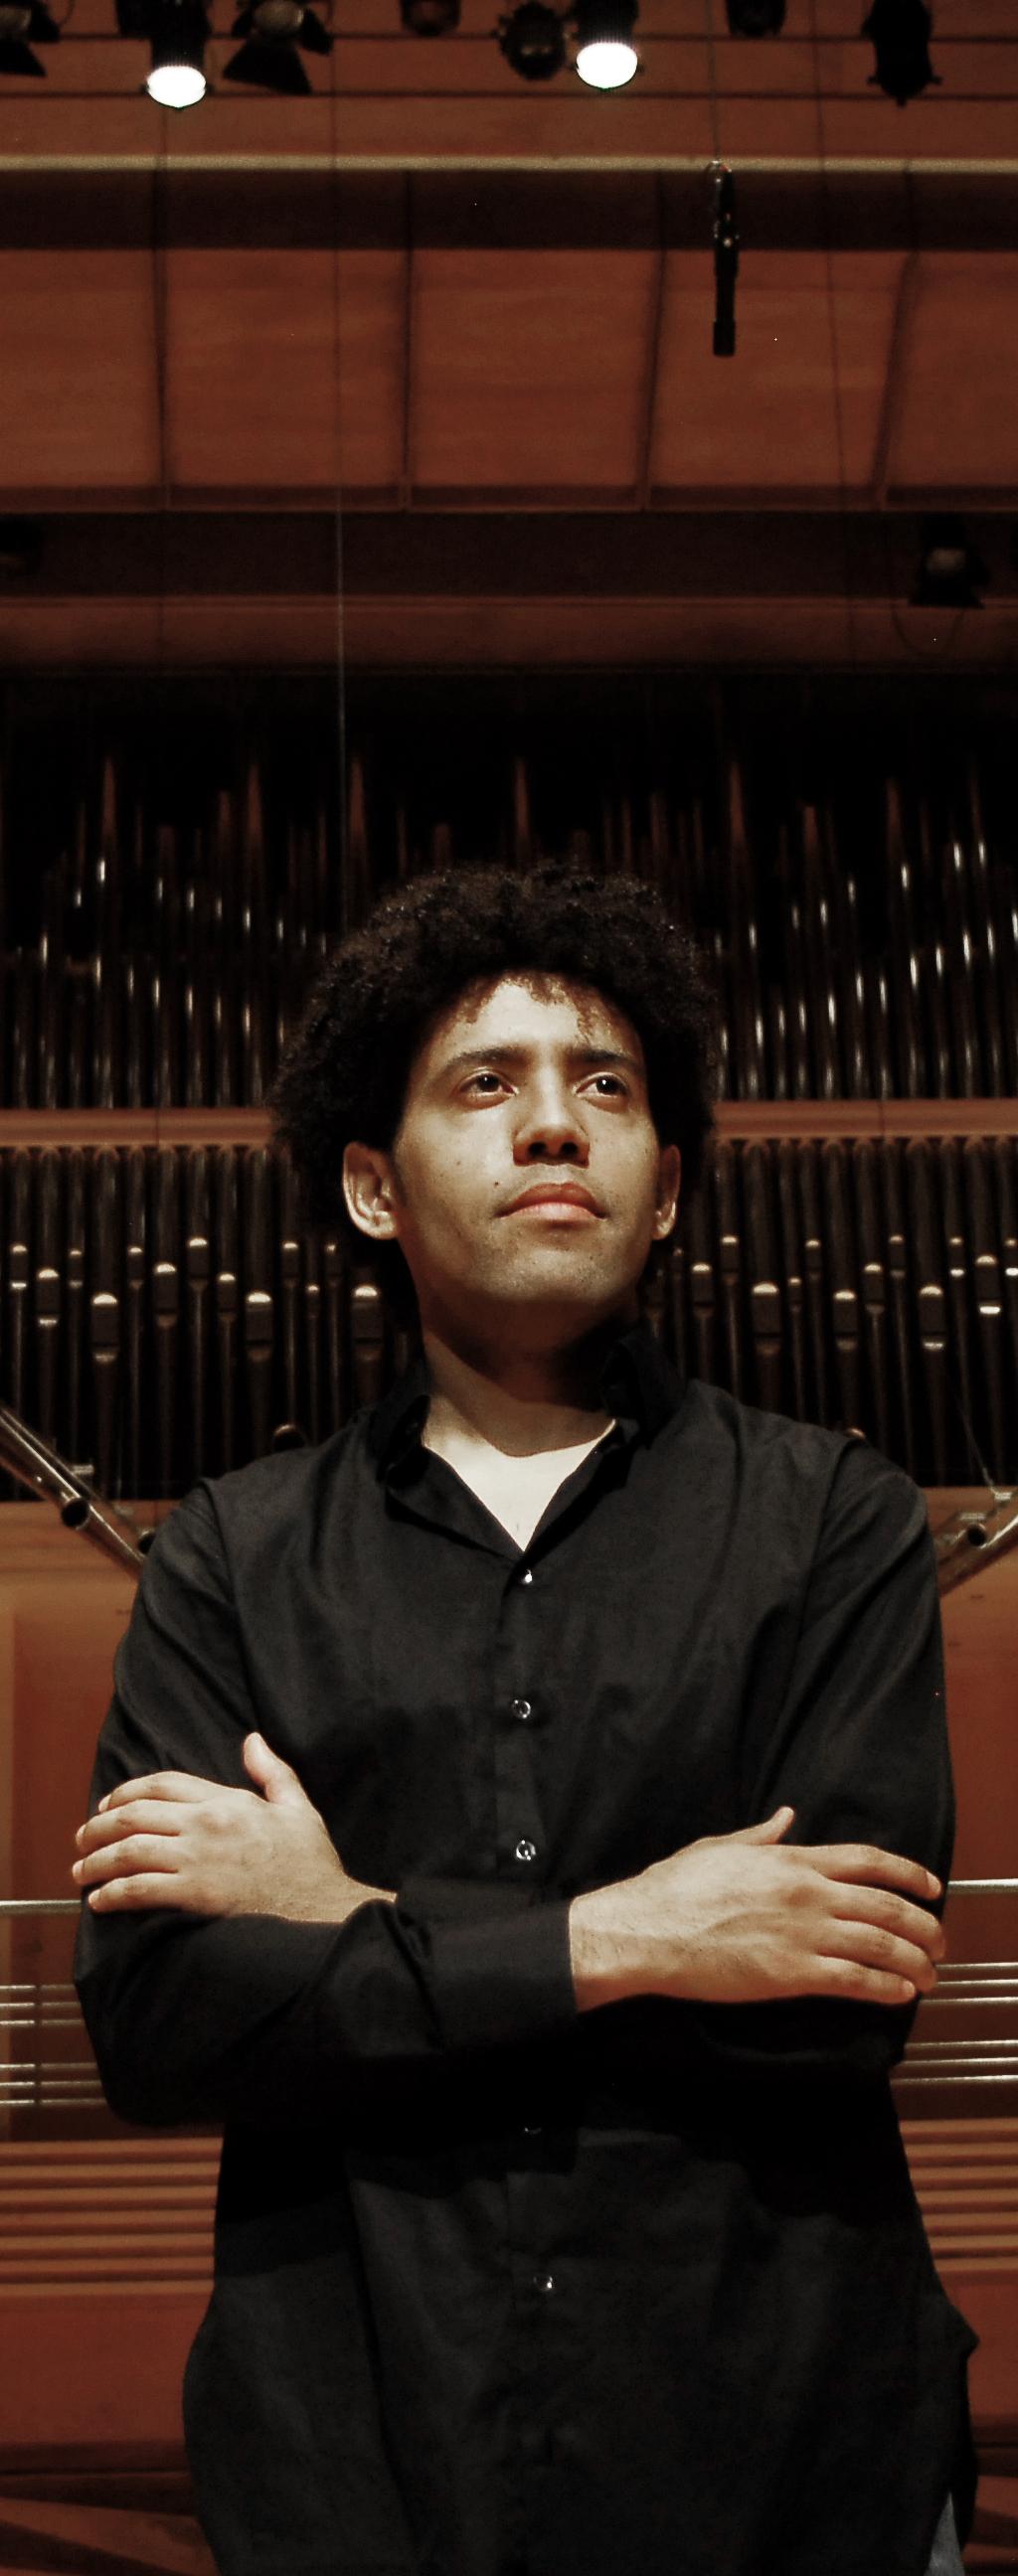 Rafael Payare reemplazará a Lorin Maazel en tres conciertos con la Filarmónica de Viena